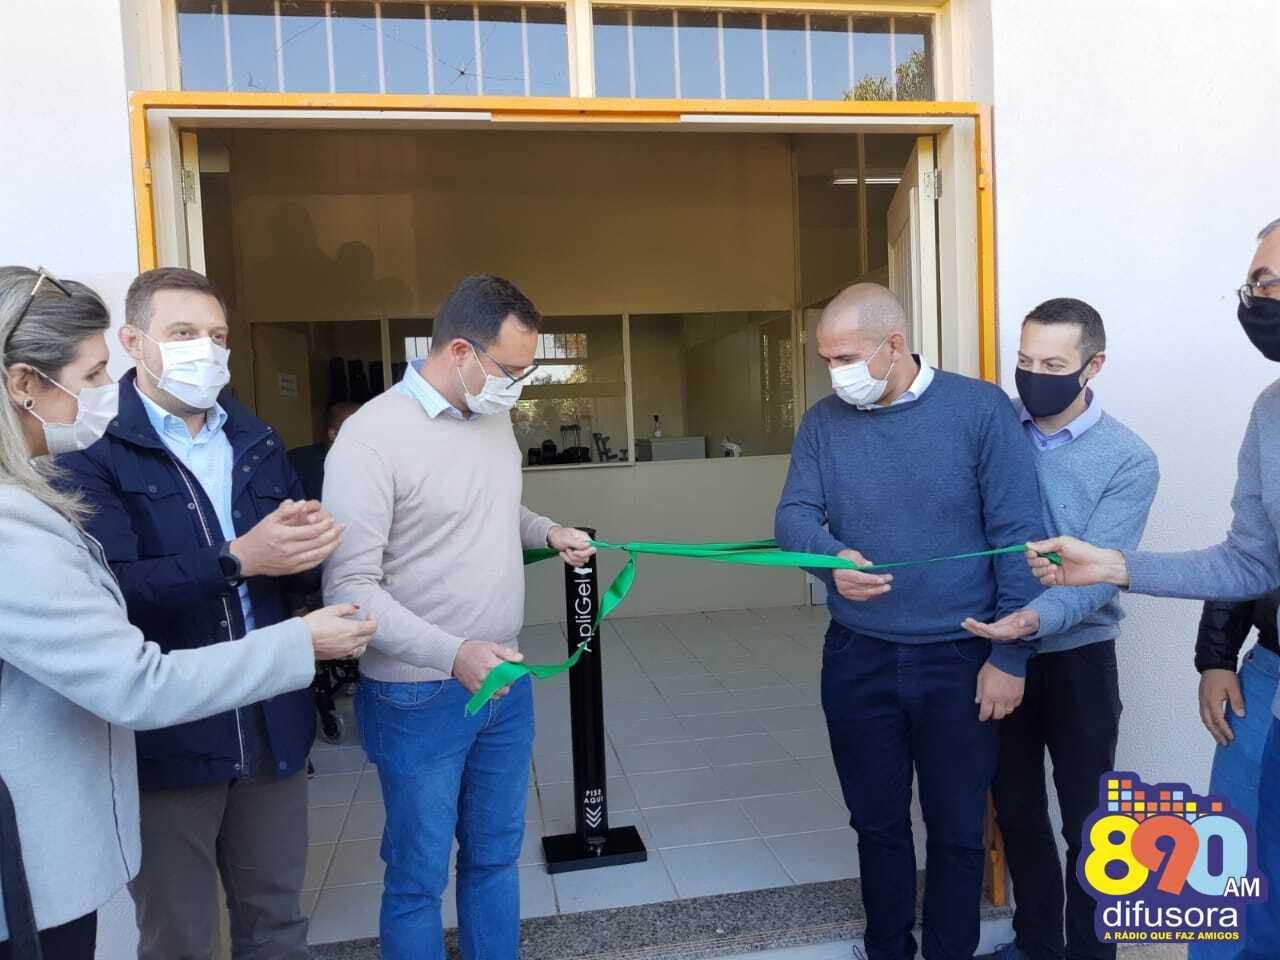 Banco de Materiais Ortopédicos é inaugurado oficialmente em Bento